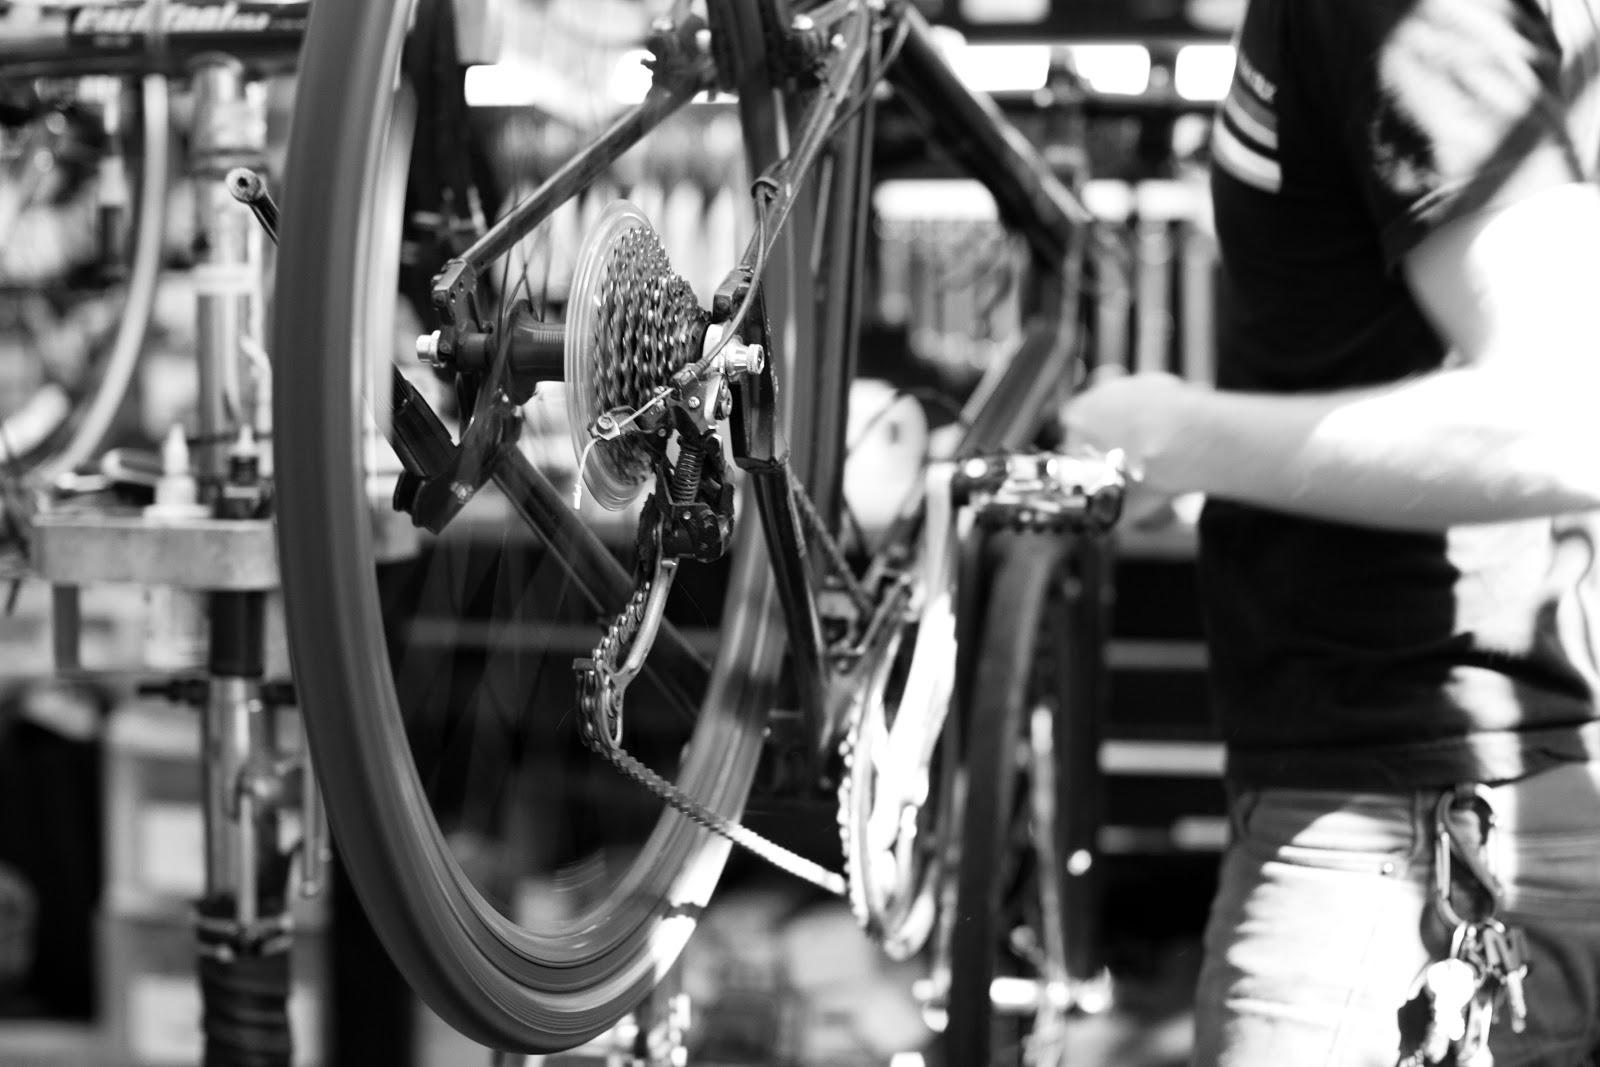 bicycle_servicing.jpg